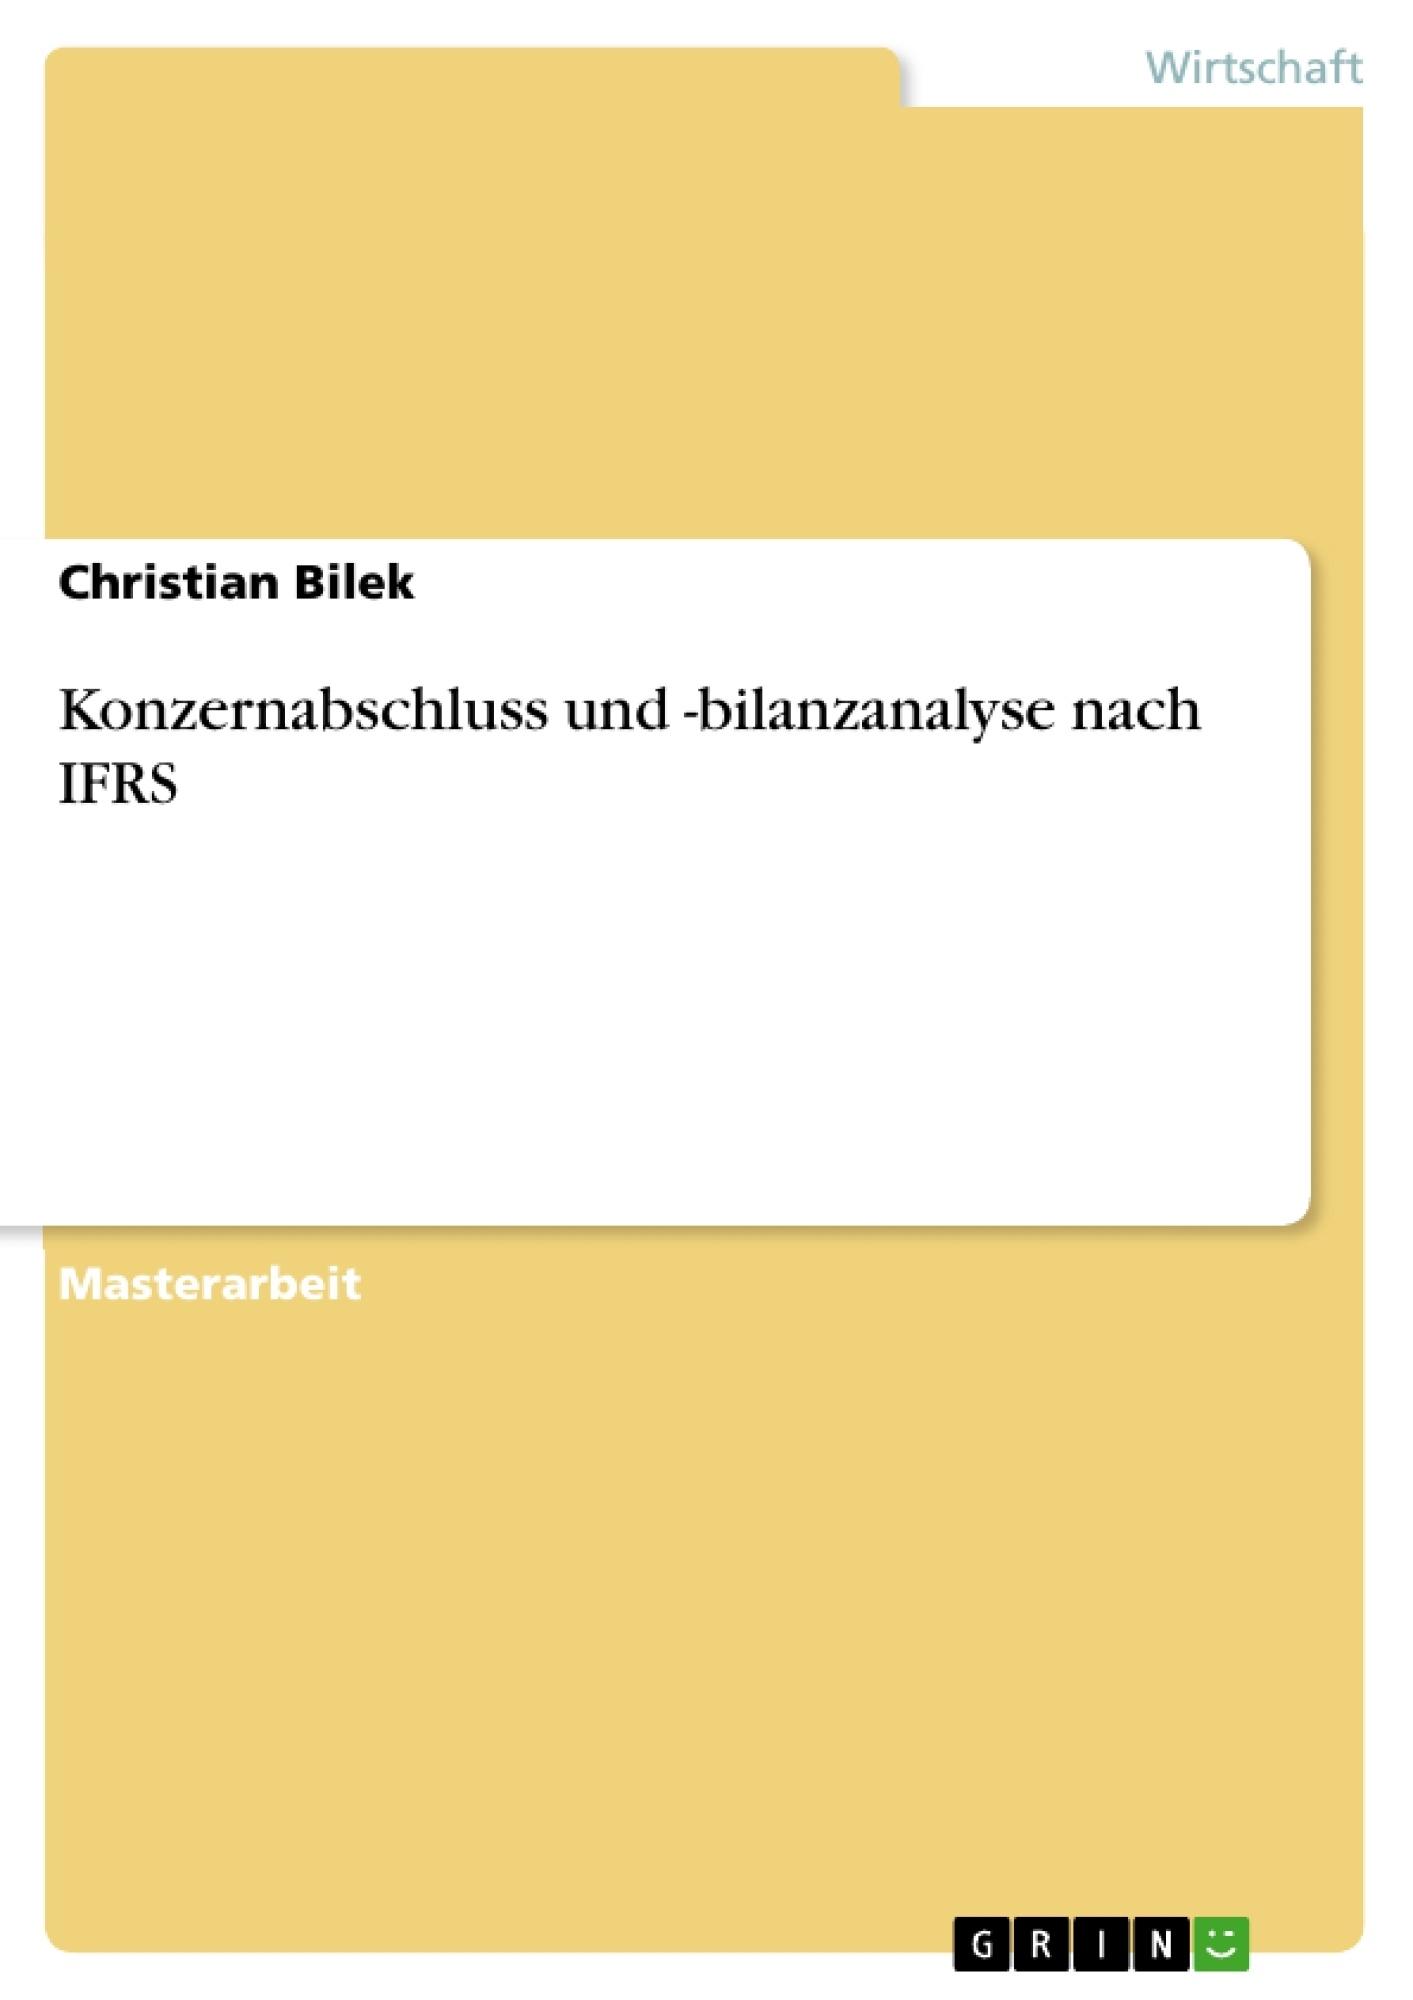 Titel: Konzernabschluss und -bilanzanalyse nach IFRS